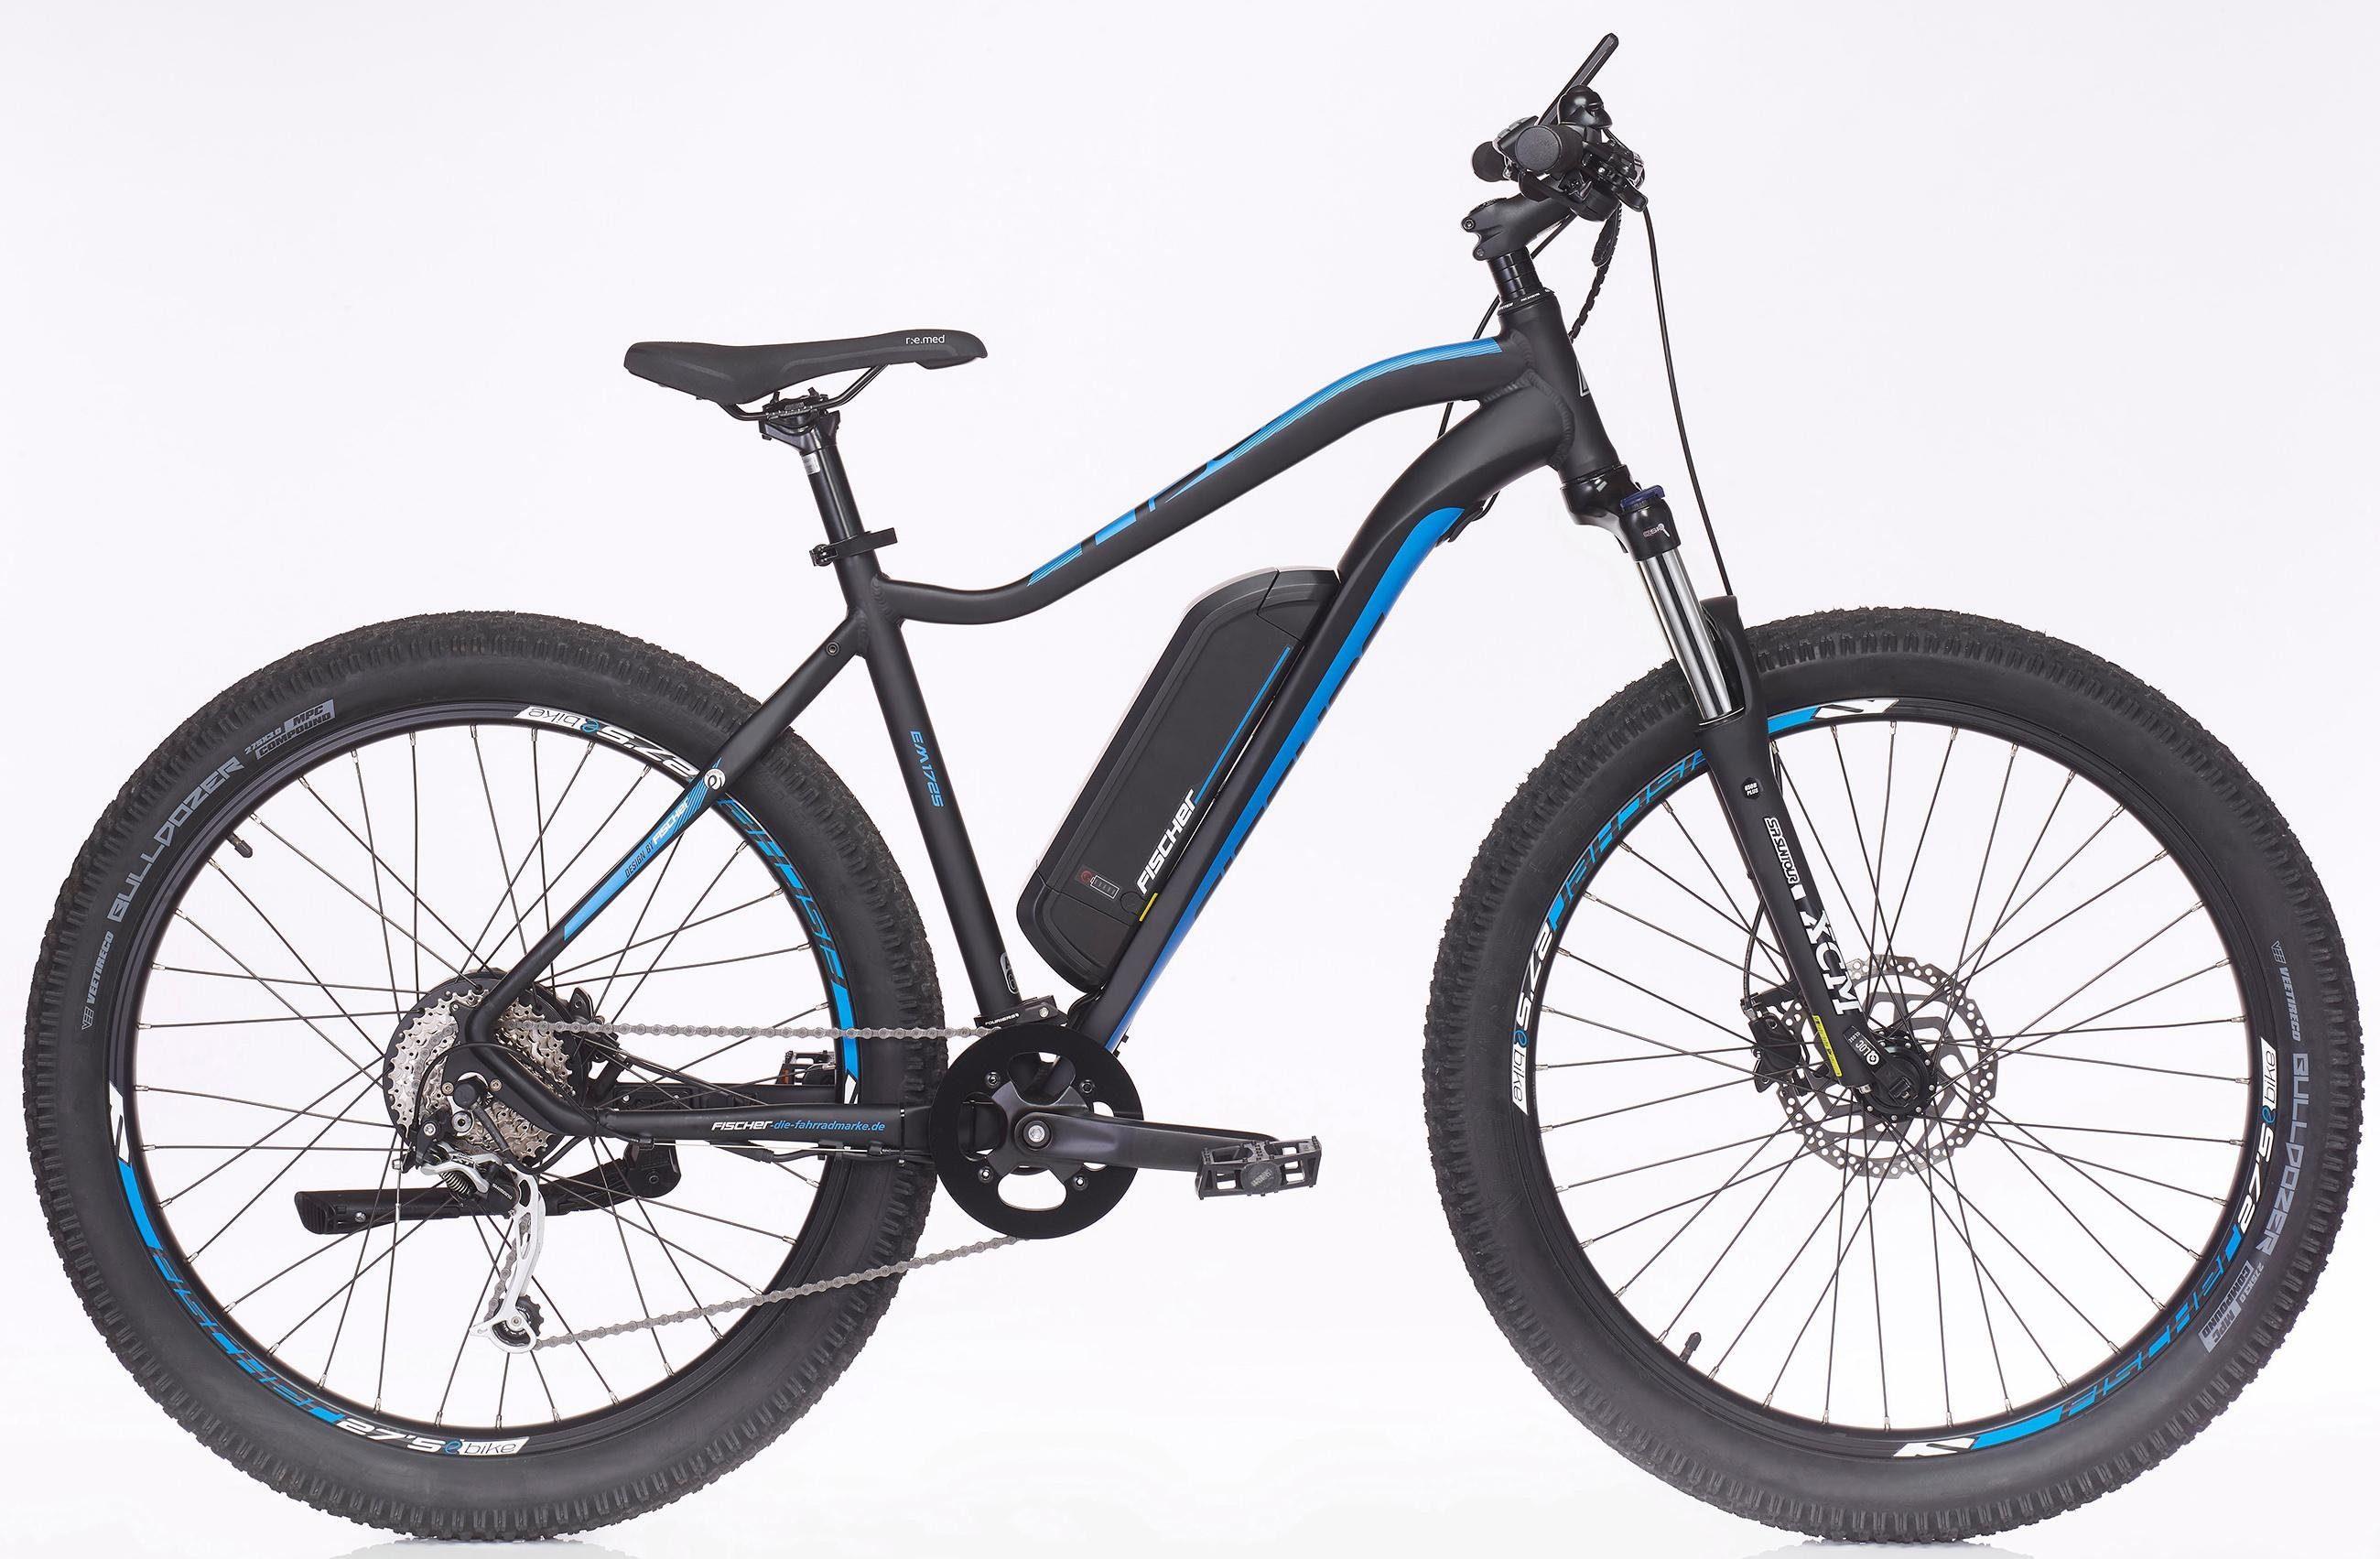 Fischer Fahrräder E-Bike »EM 1725-S2«, 9 Gang Shimano XT Schaltwerk, Heckmotor 250 W,]